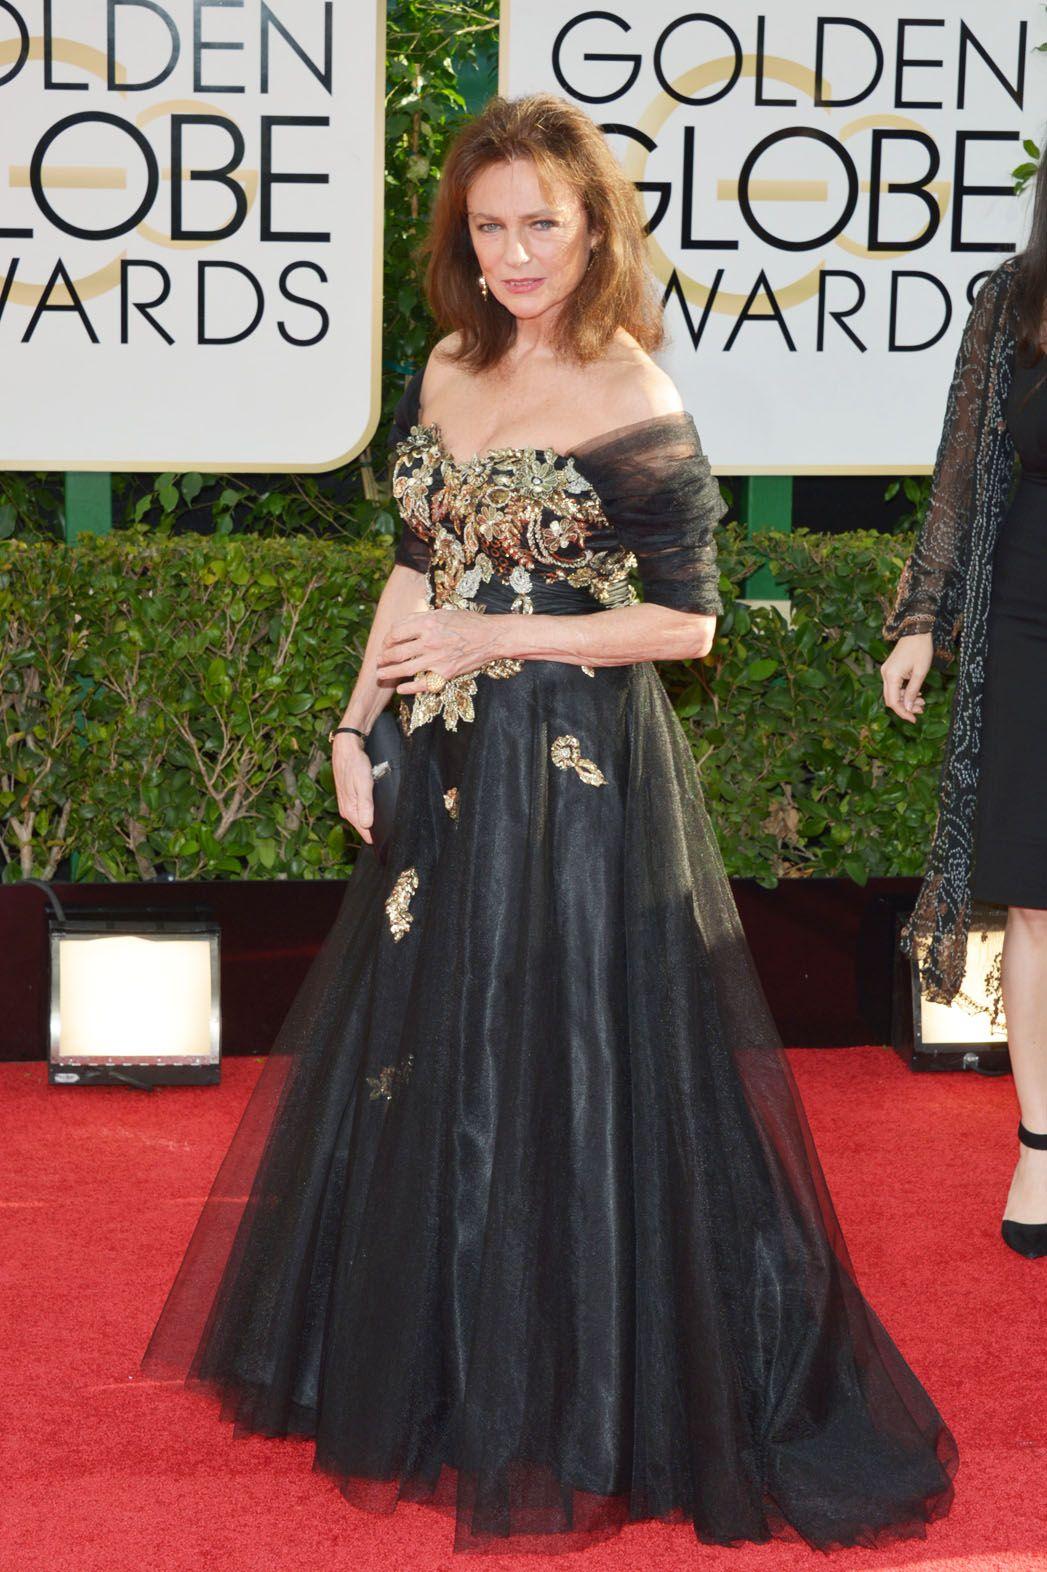 Golden Globes 2014: Red Carpet Arrivals